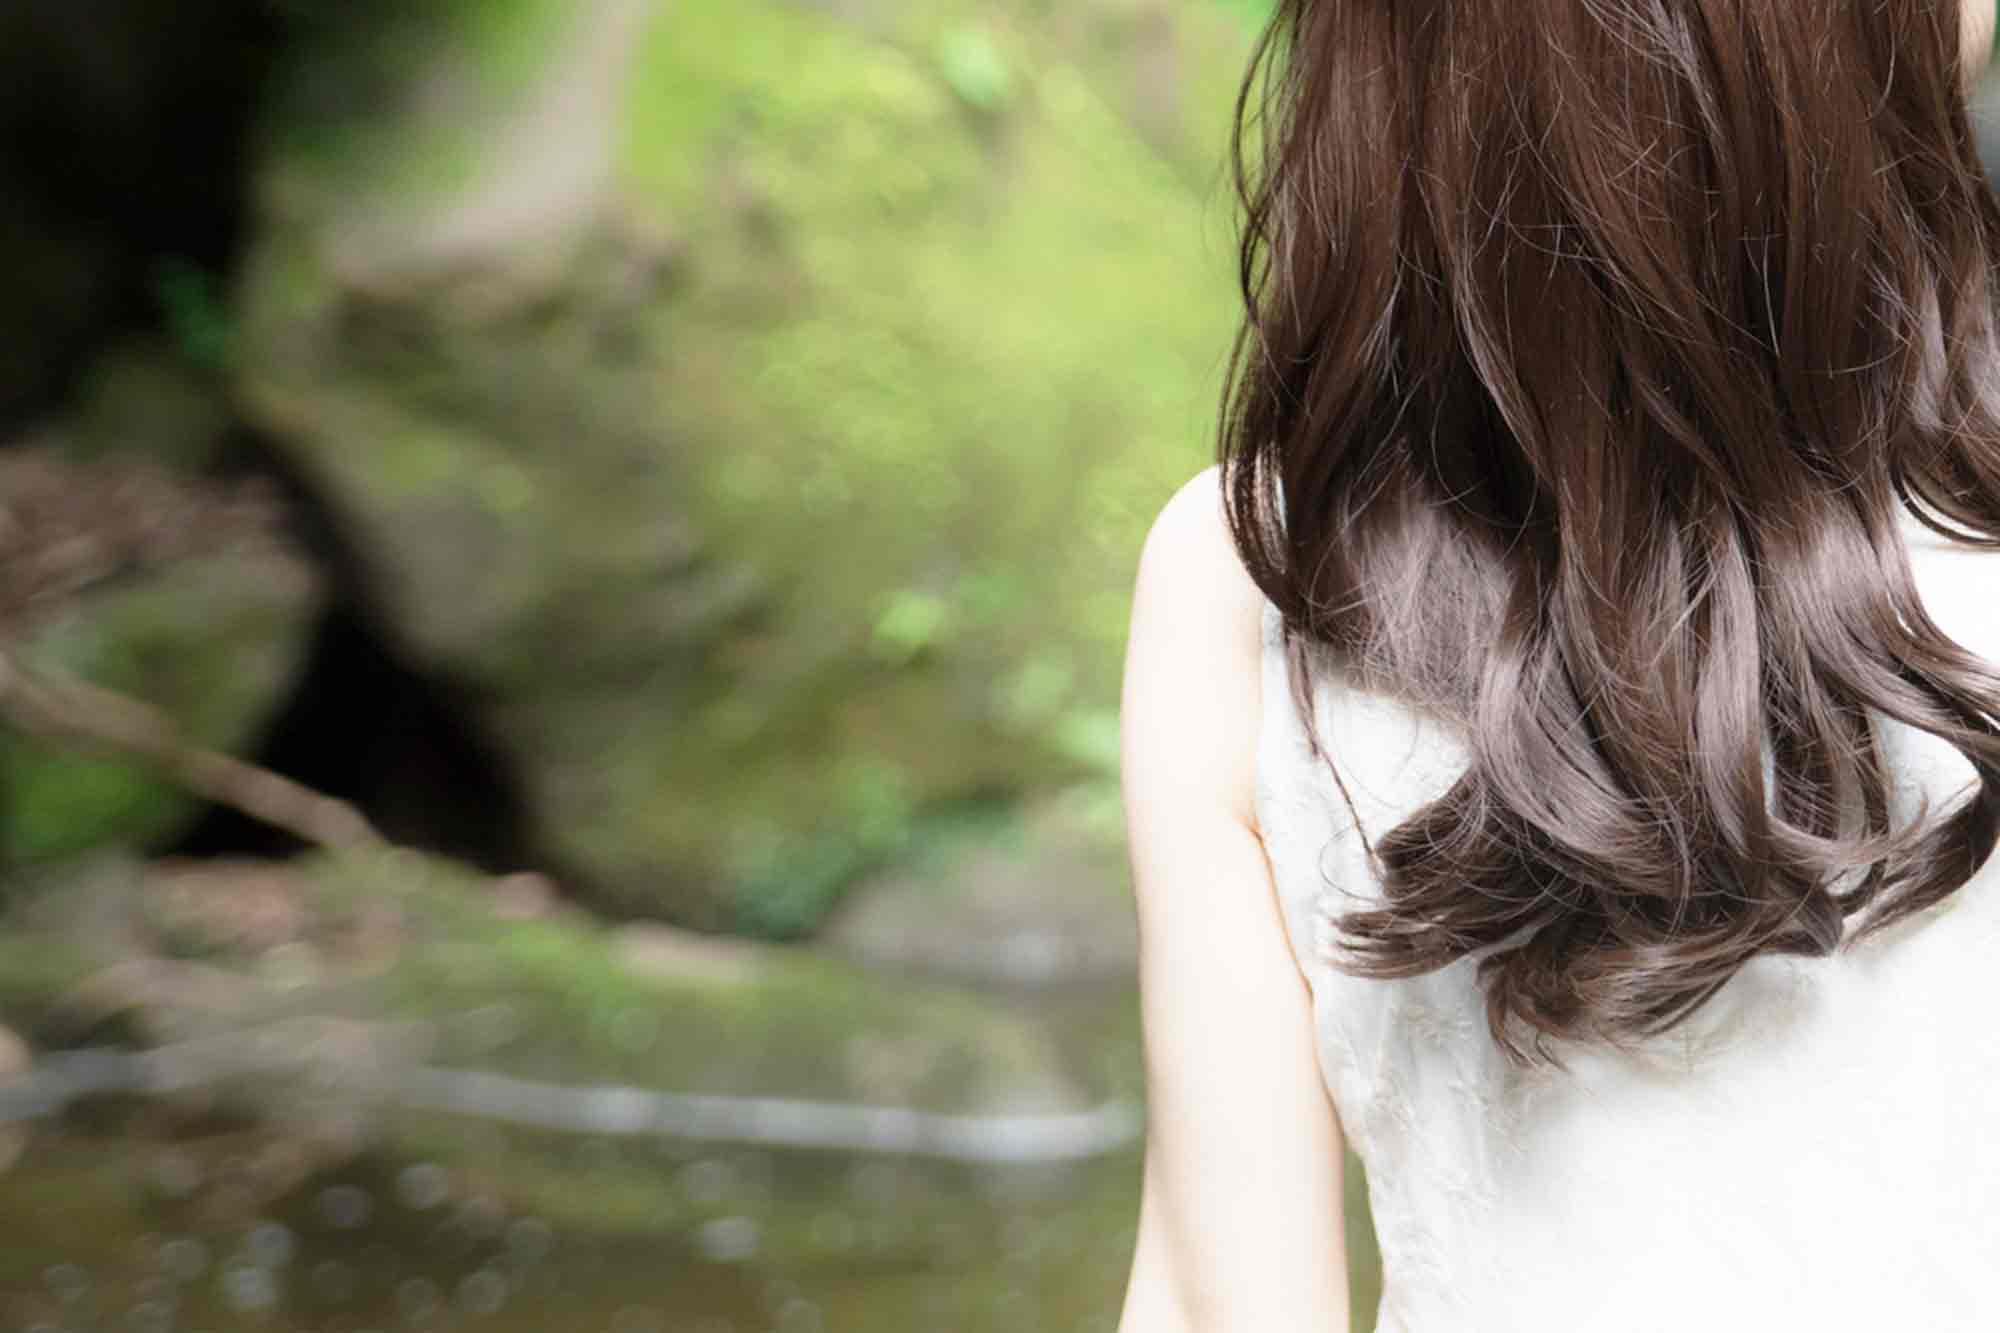 髪が綺麗な女性の後ろ姿